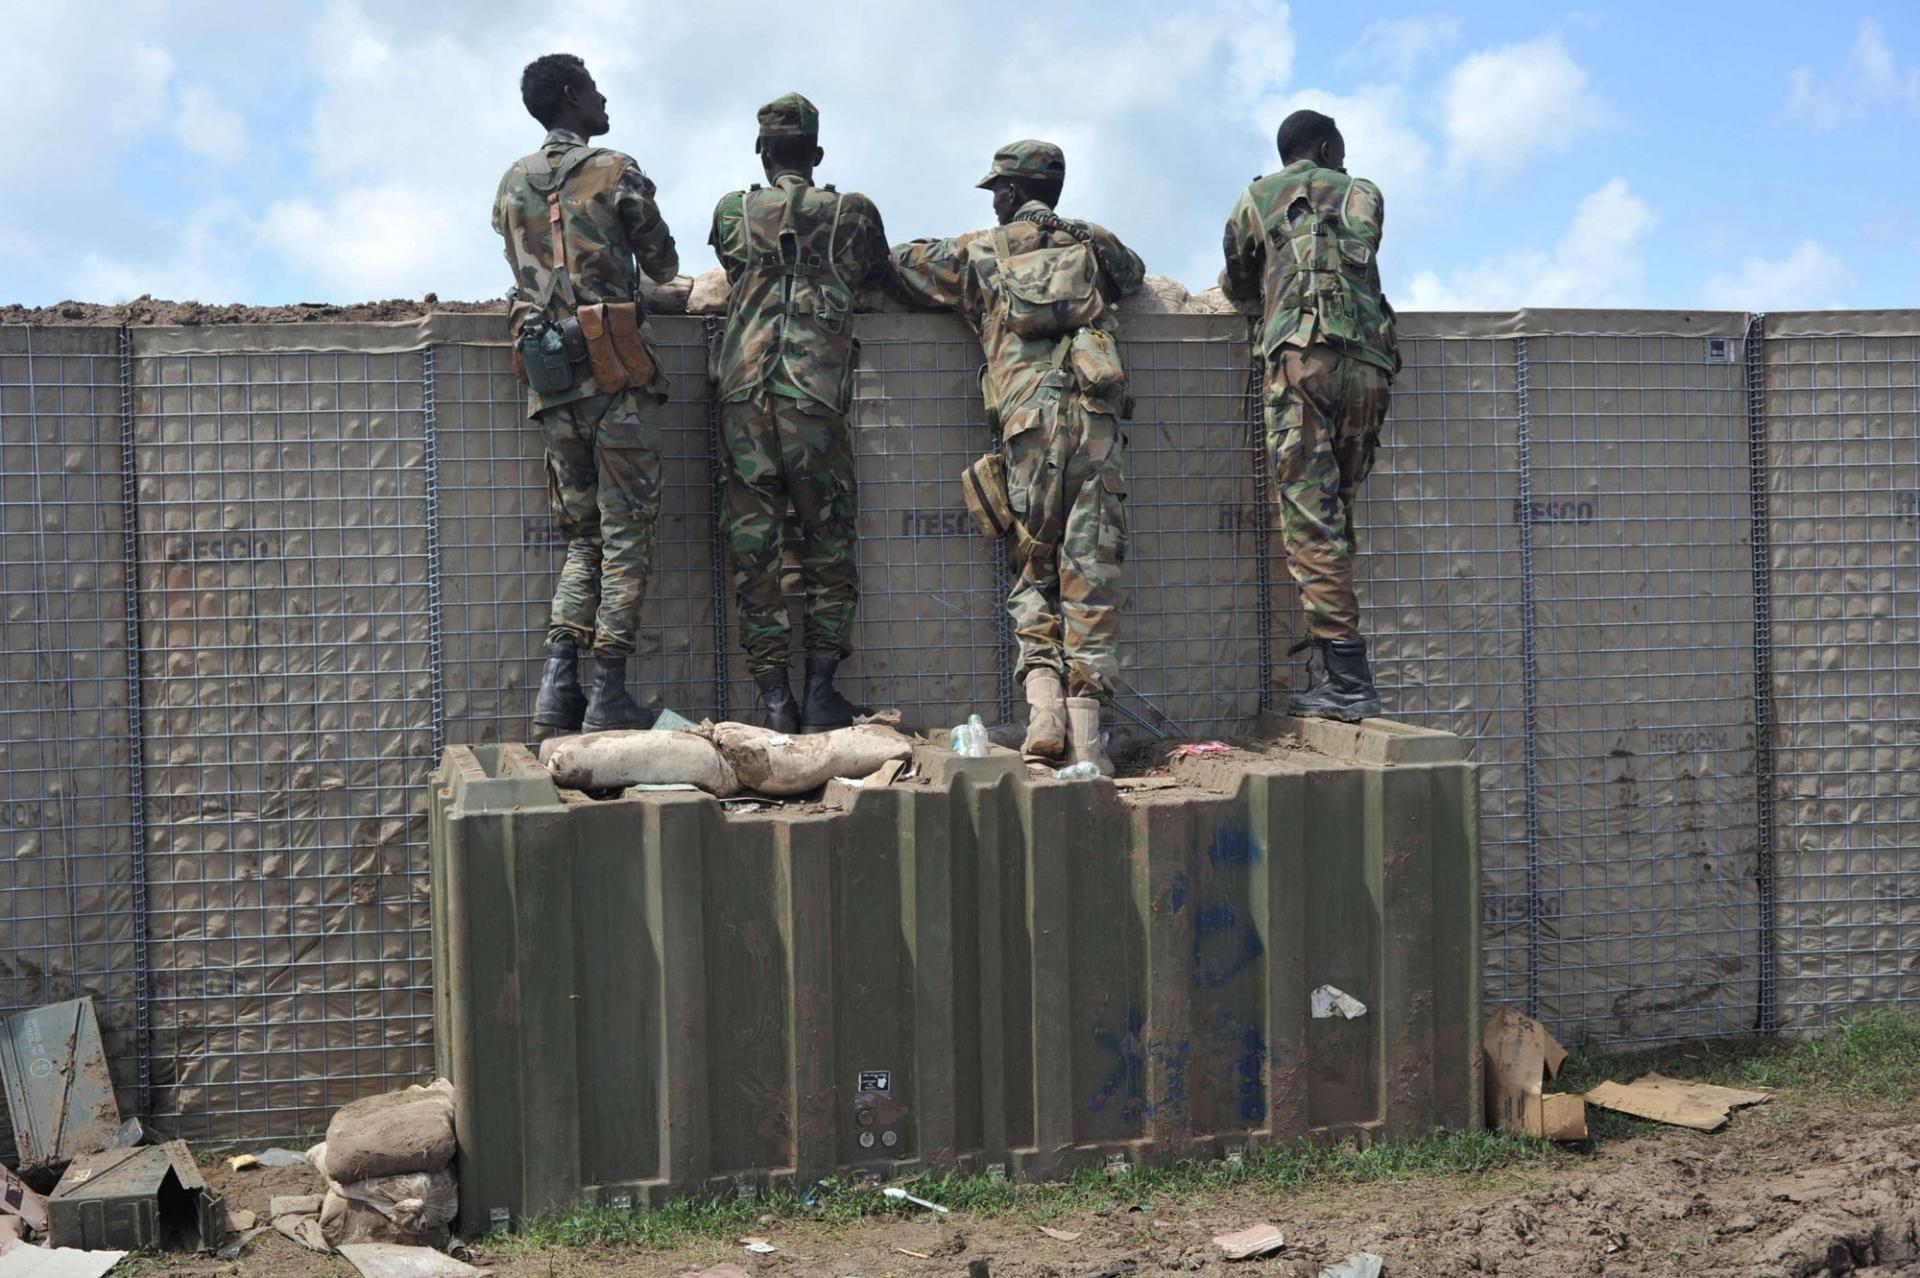 قبيل سحب جنودها.. القوات الأميركية تشنّ ضربات جديدة ضد